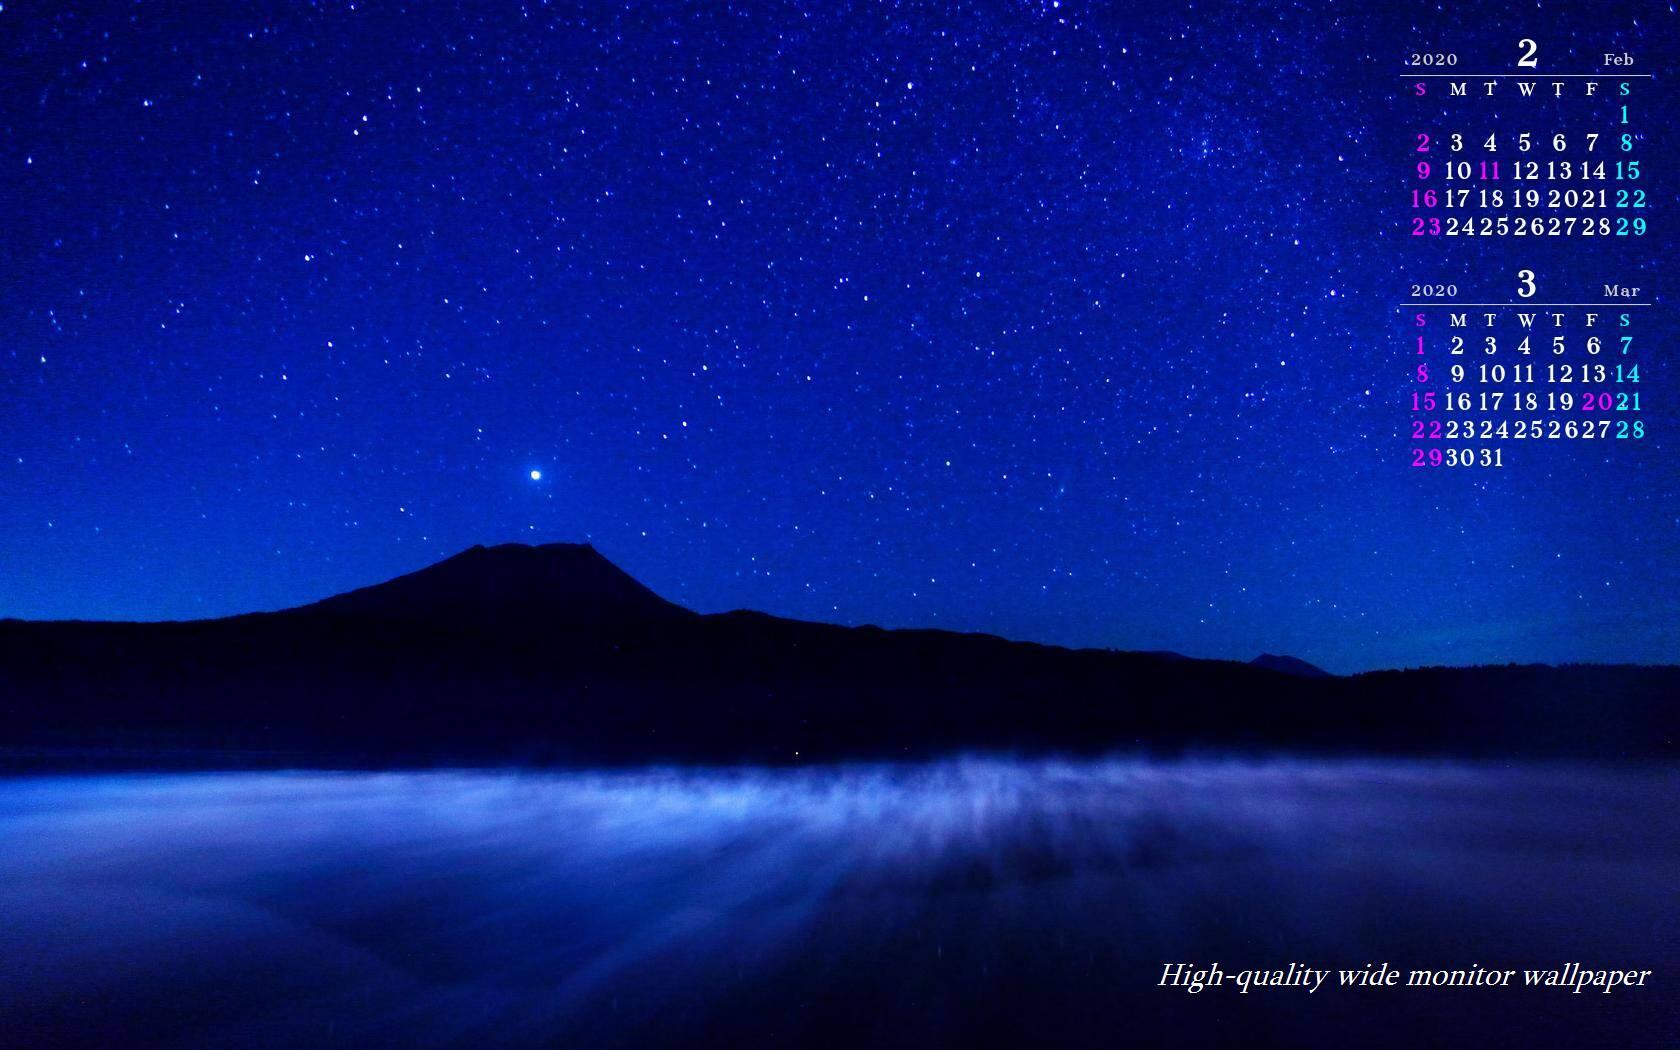 御池と星空をモチーフにしました年2月3月のカレンダー付きワイドモニター高画質壁紙 1680 1050 アスペクト比16 10霧島連山 自然風景 星景写真 花 山野草